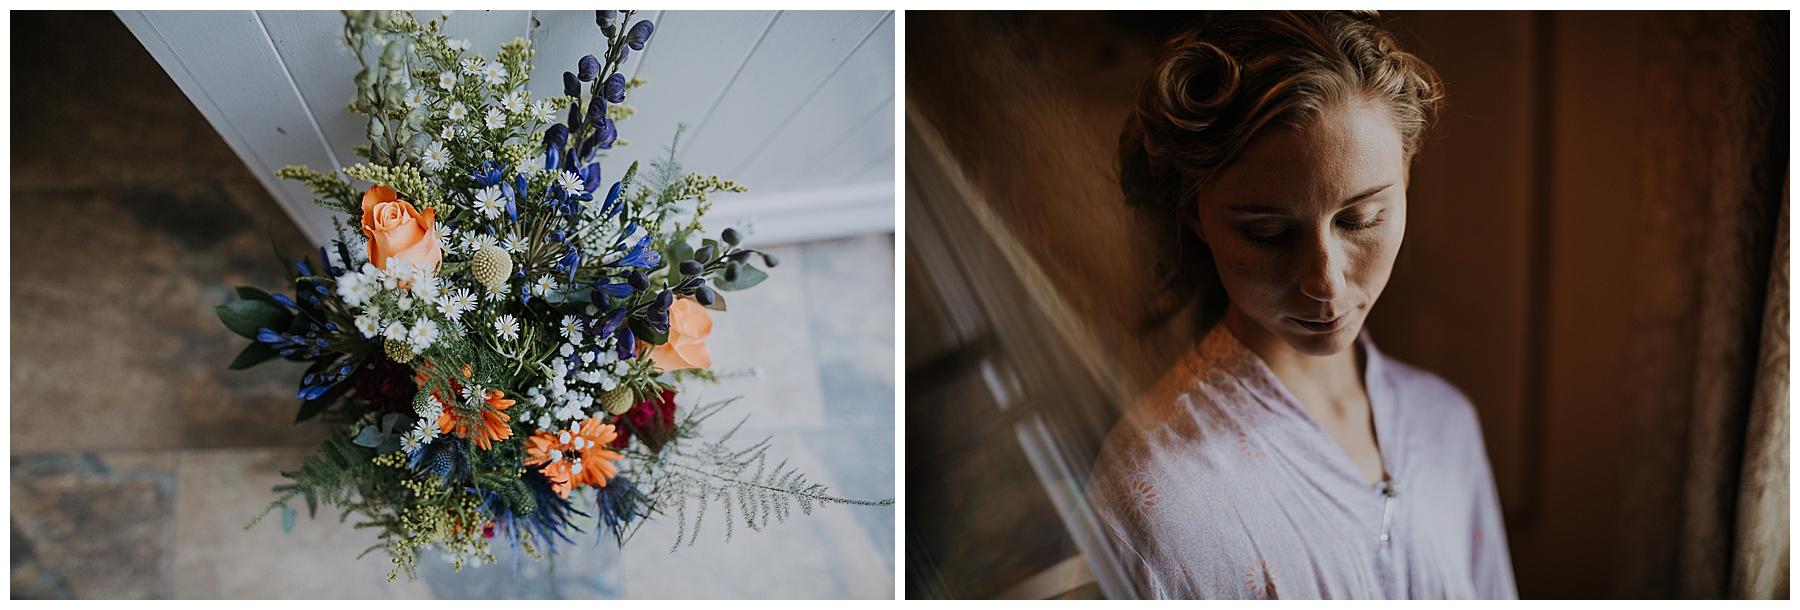 flowers sit in a doorway